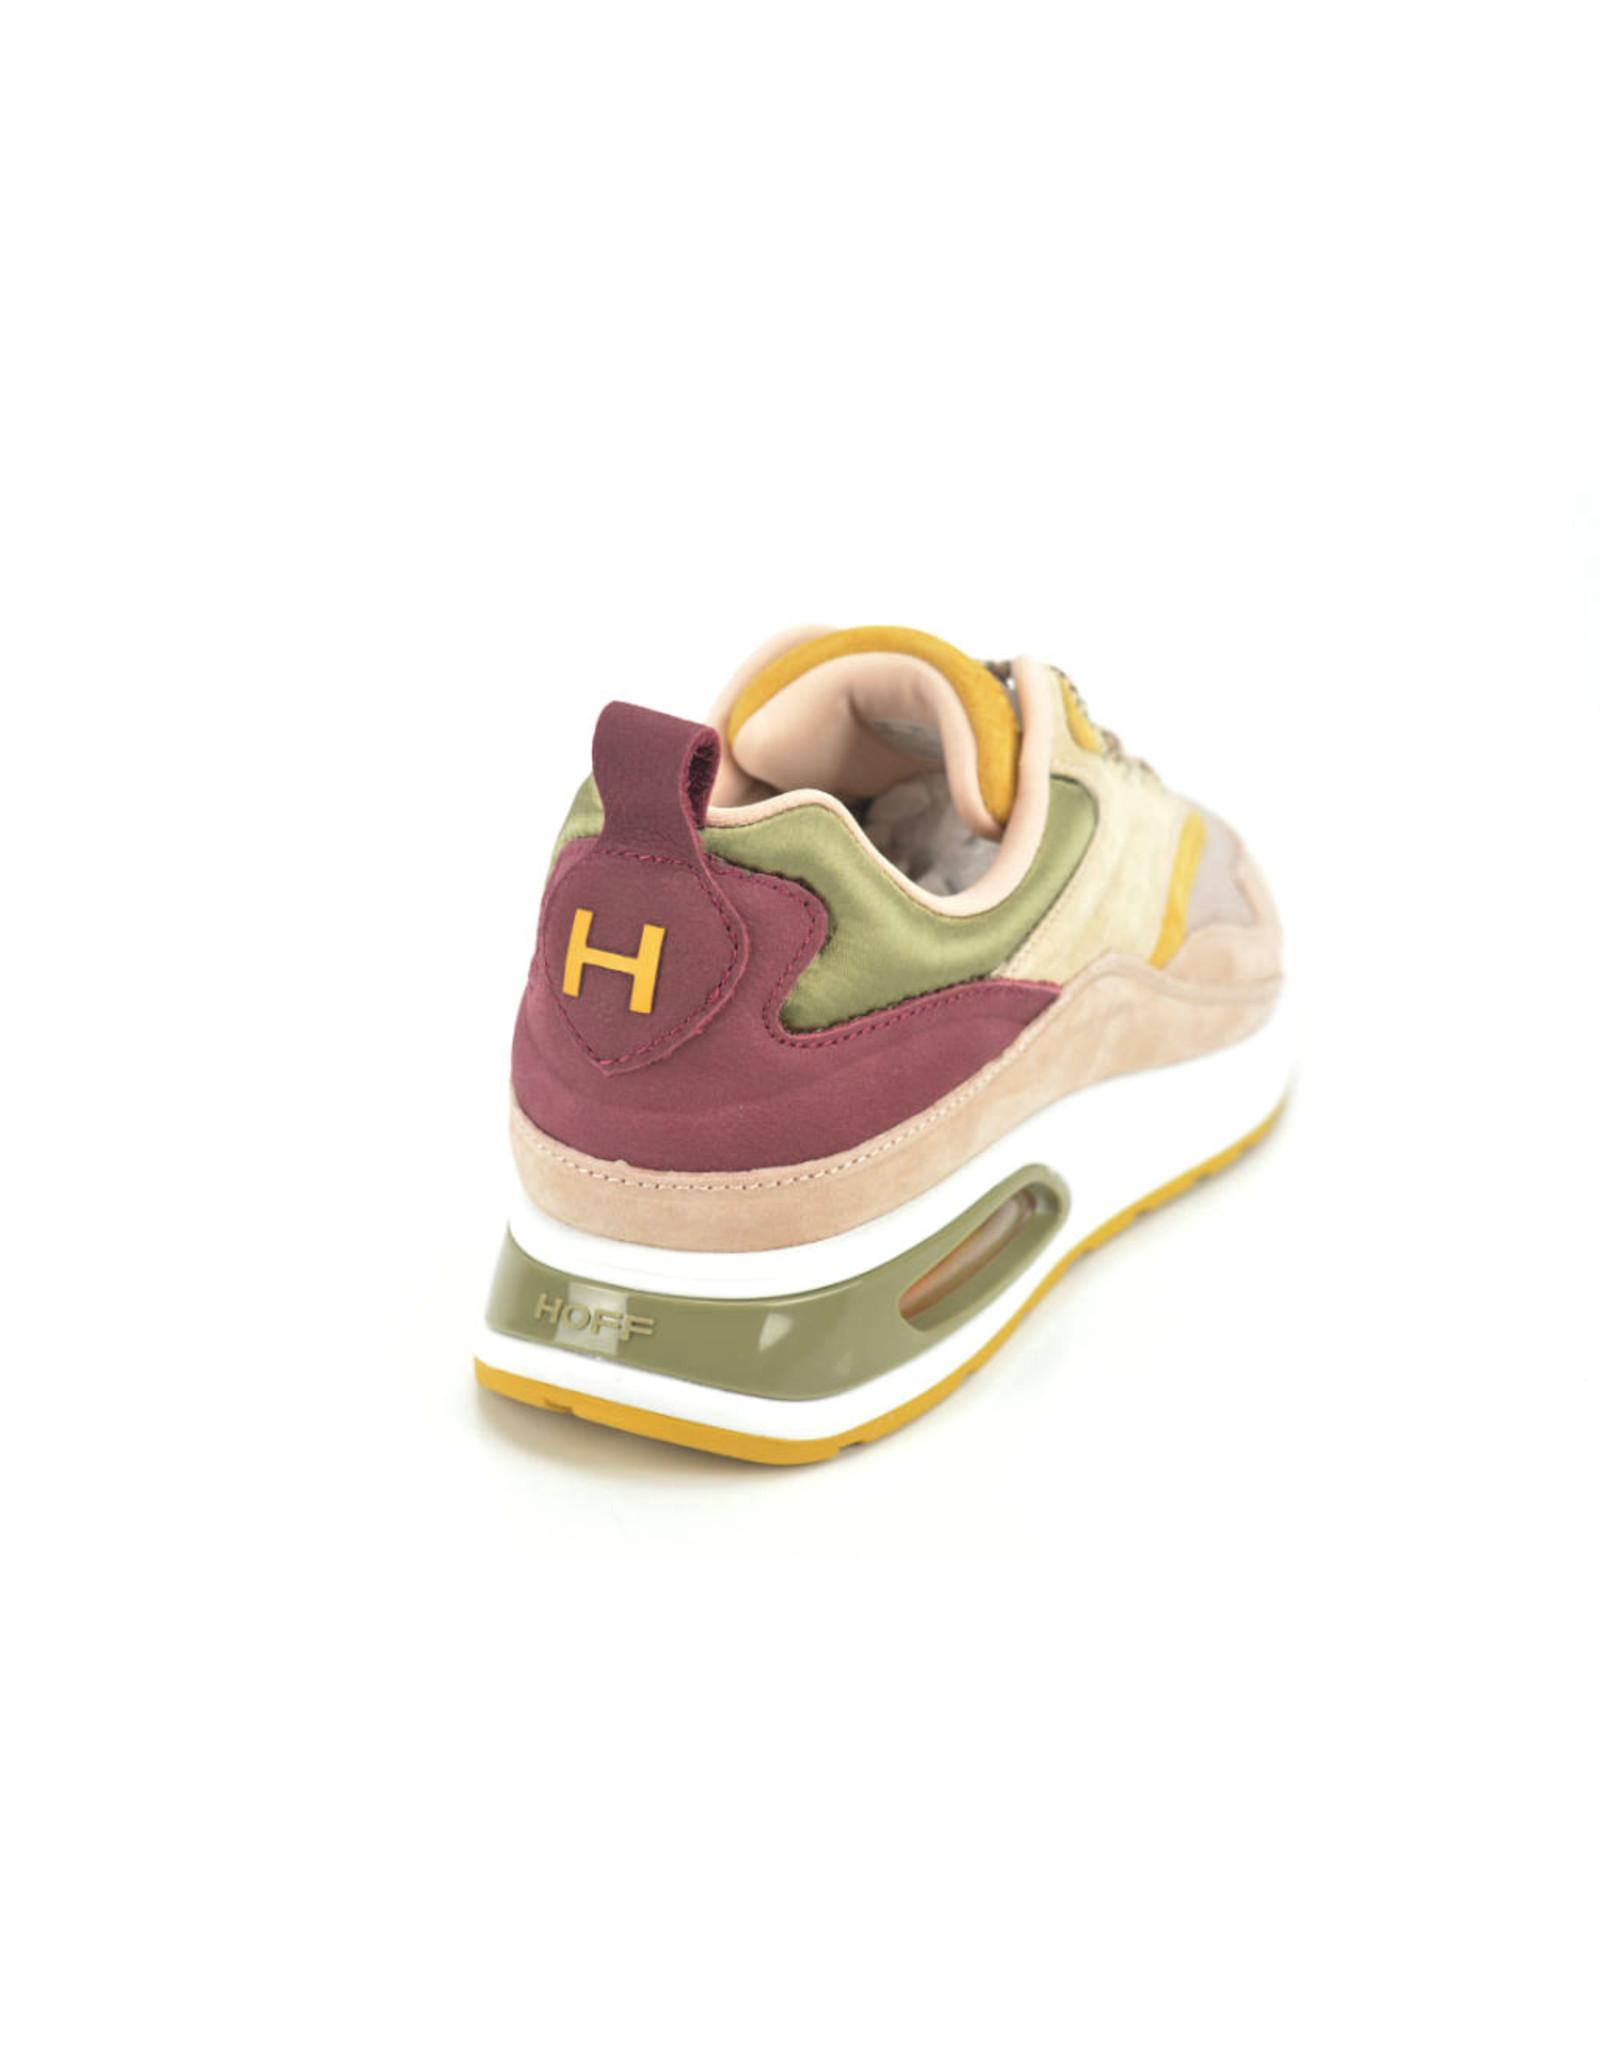 Hoff 9532 roos